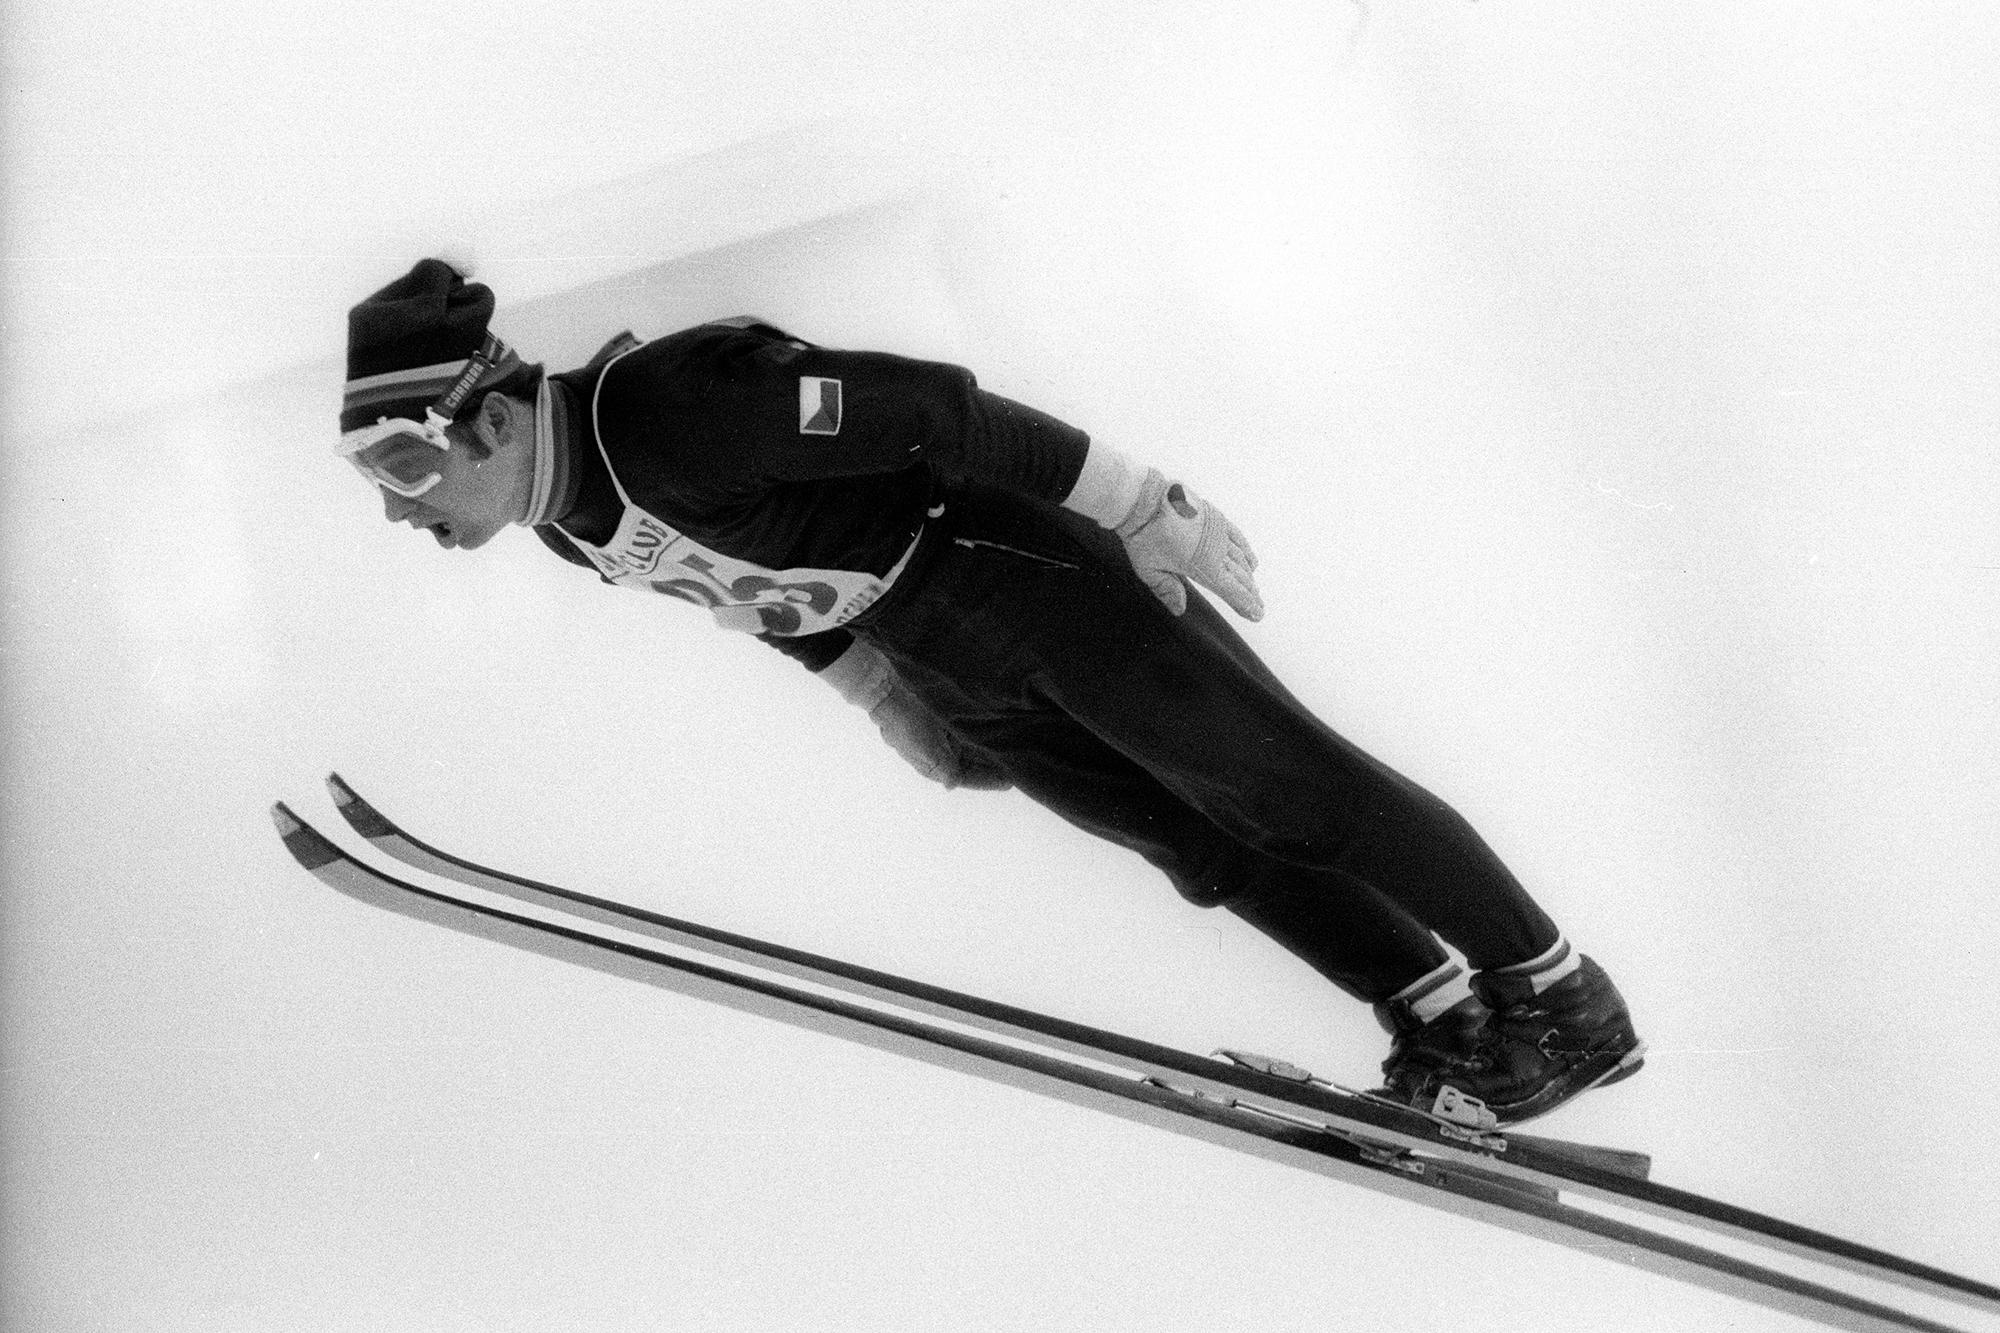 State of the Art bis in die 70er-Jahre: Jiri Raska (Tschechoslowakei) bei einem in allen Hinsichten perfekt ausgeführten Sprung im so genannten Fisch-Stil.